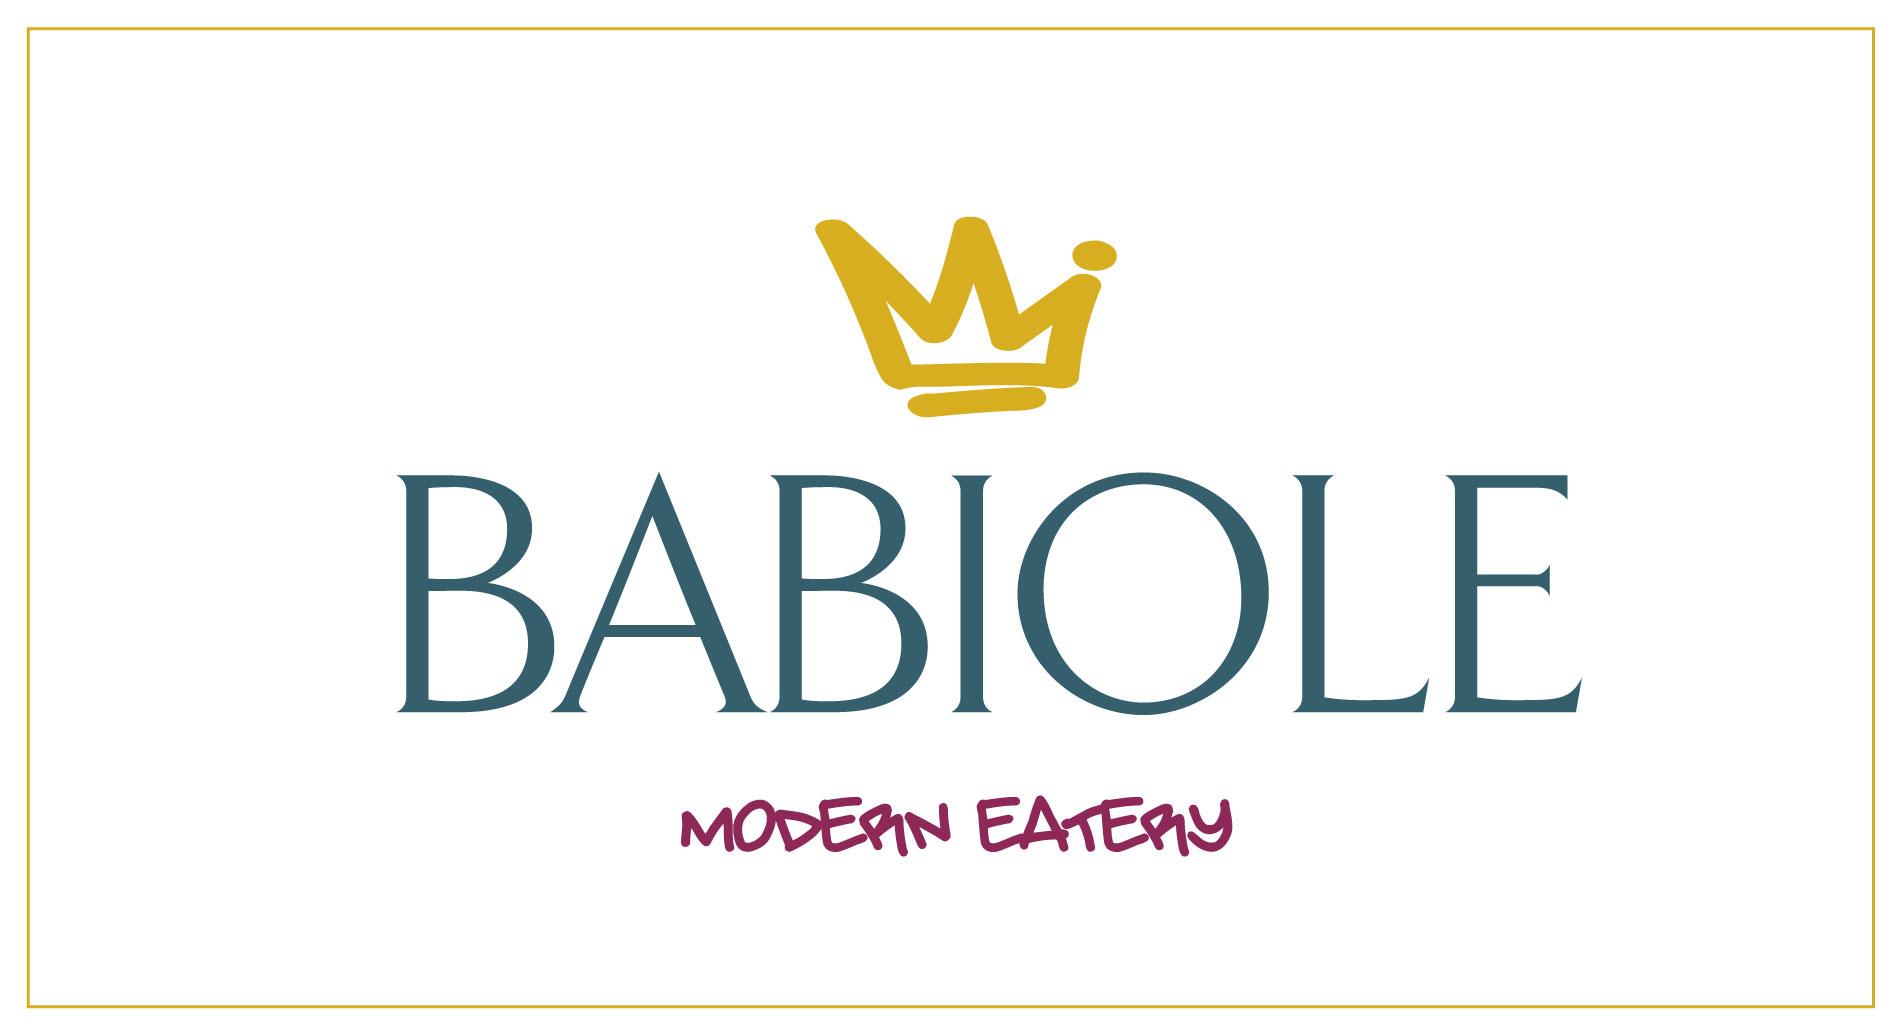 babiole_logo5_1